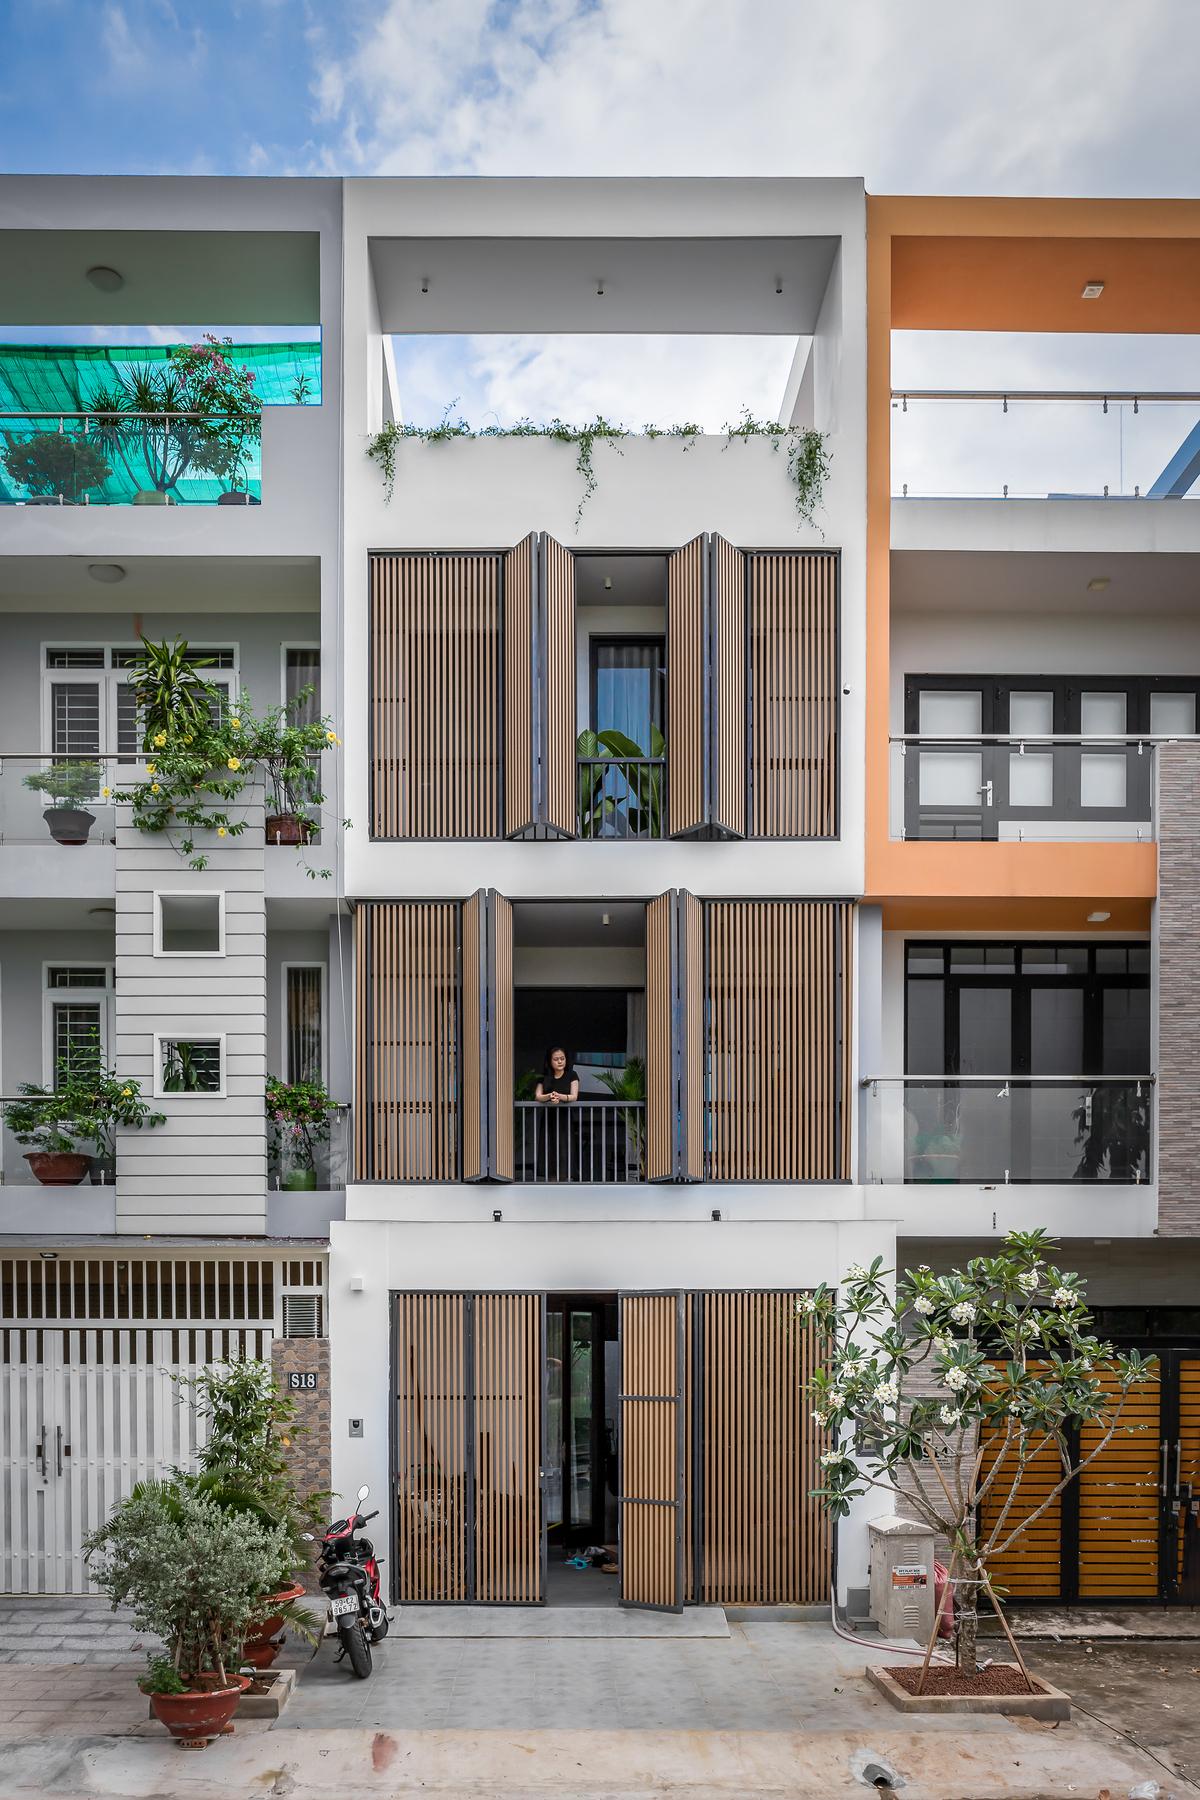 44 1 - NGỌC House - Chất keo gắn kết gia đình đa hệ  Story Architecture